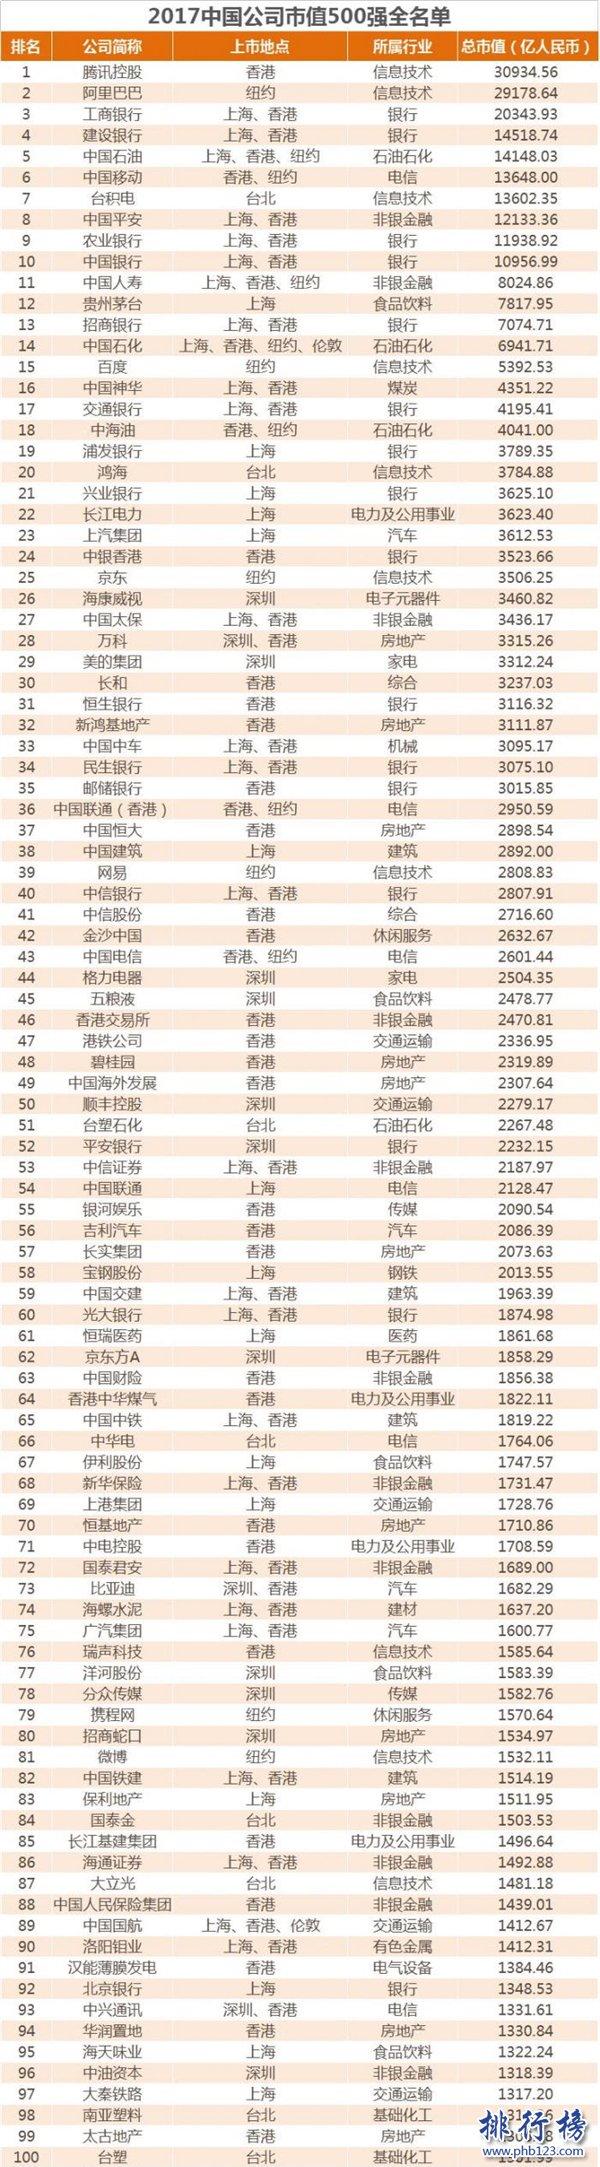 2017年中国公司市值500强名单:腾讯阿里远超工商银行(完整榜单)